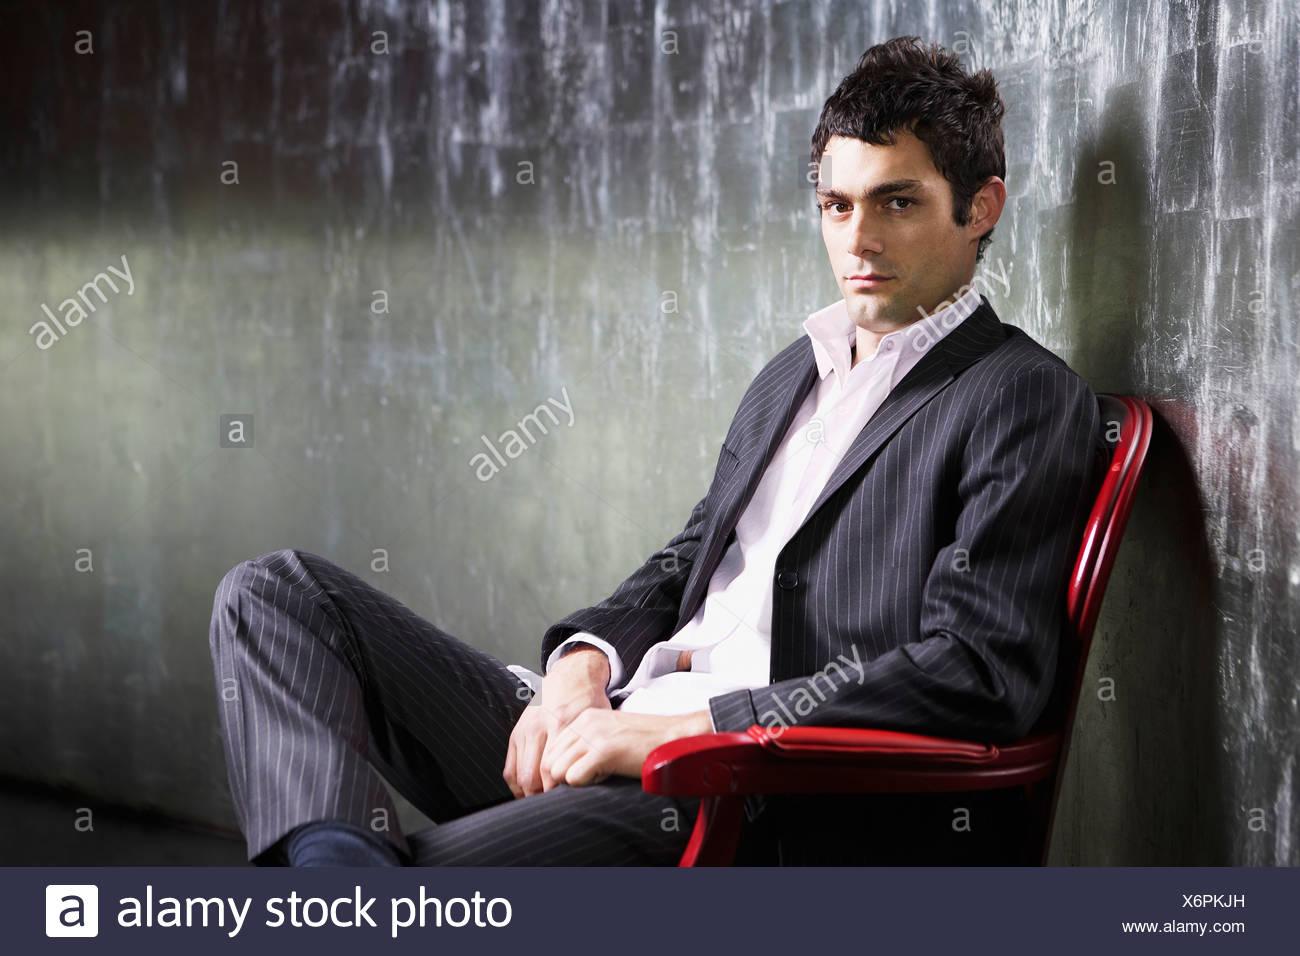 Elegante uomo seduto, gambe incrociate, in metallo camera, vista laterale Immagini Stock